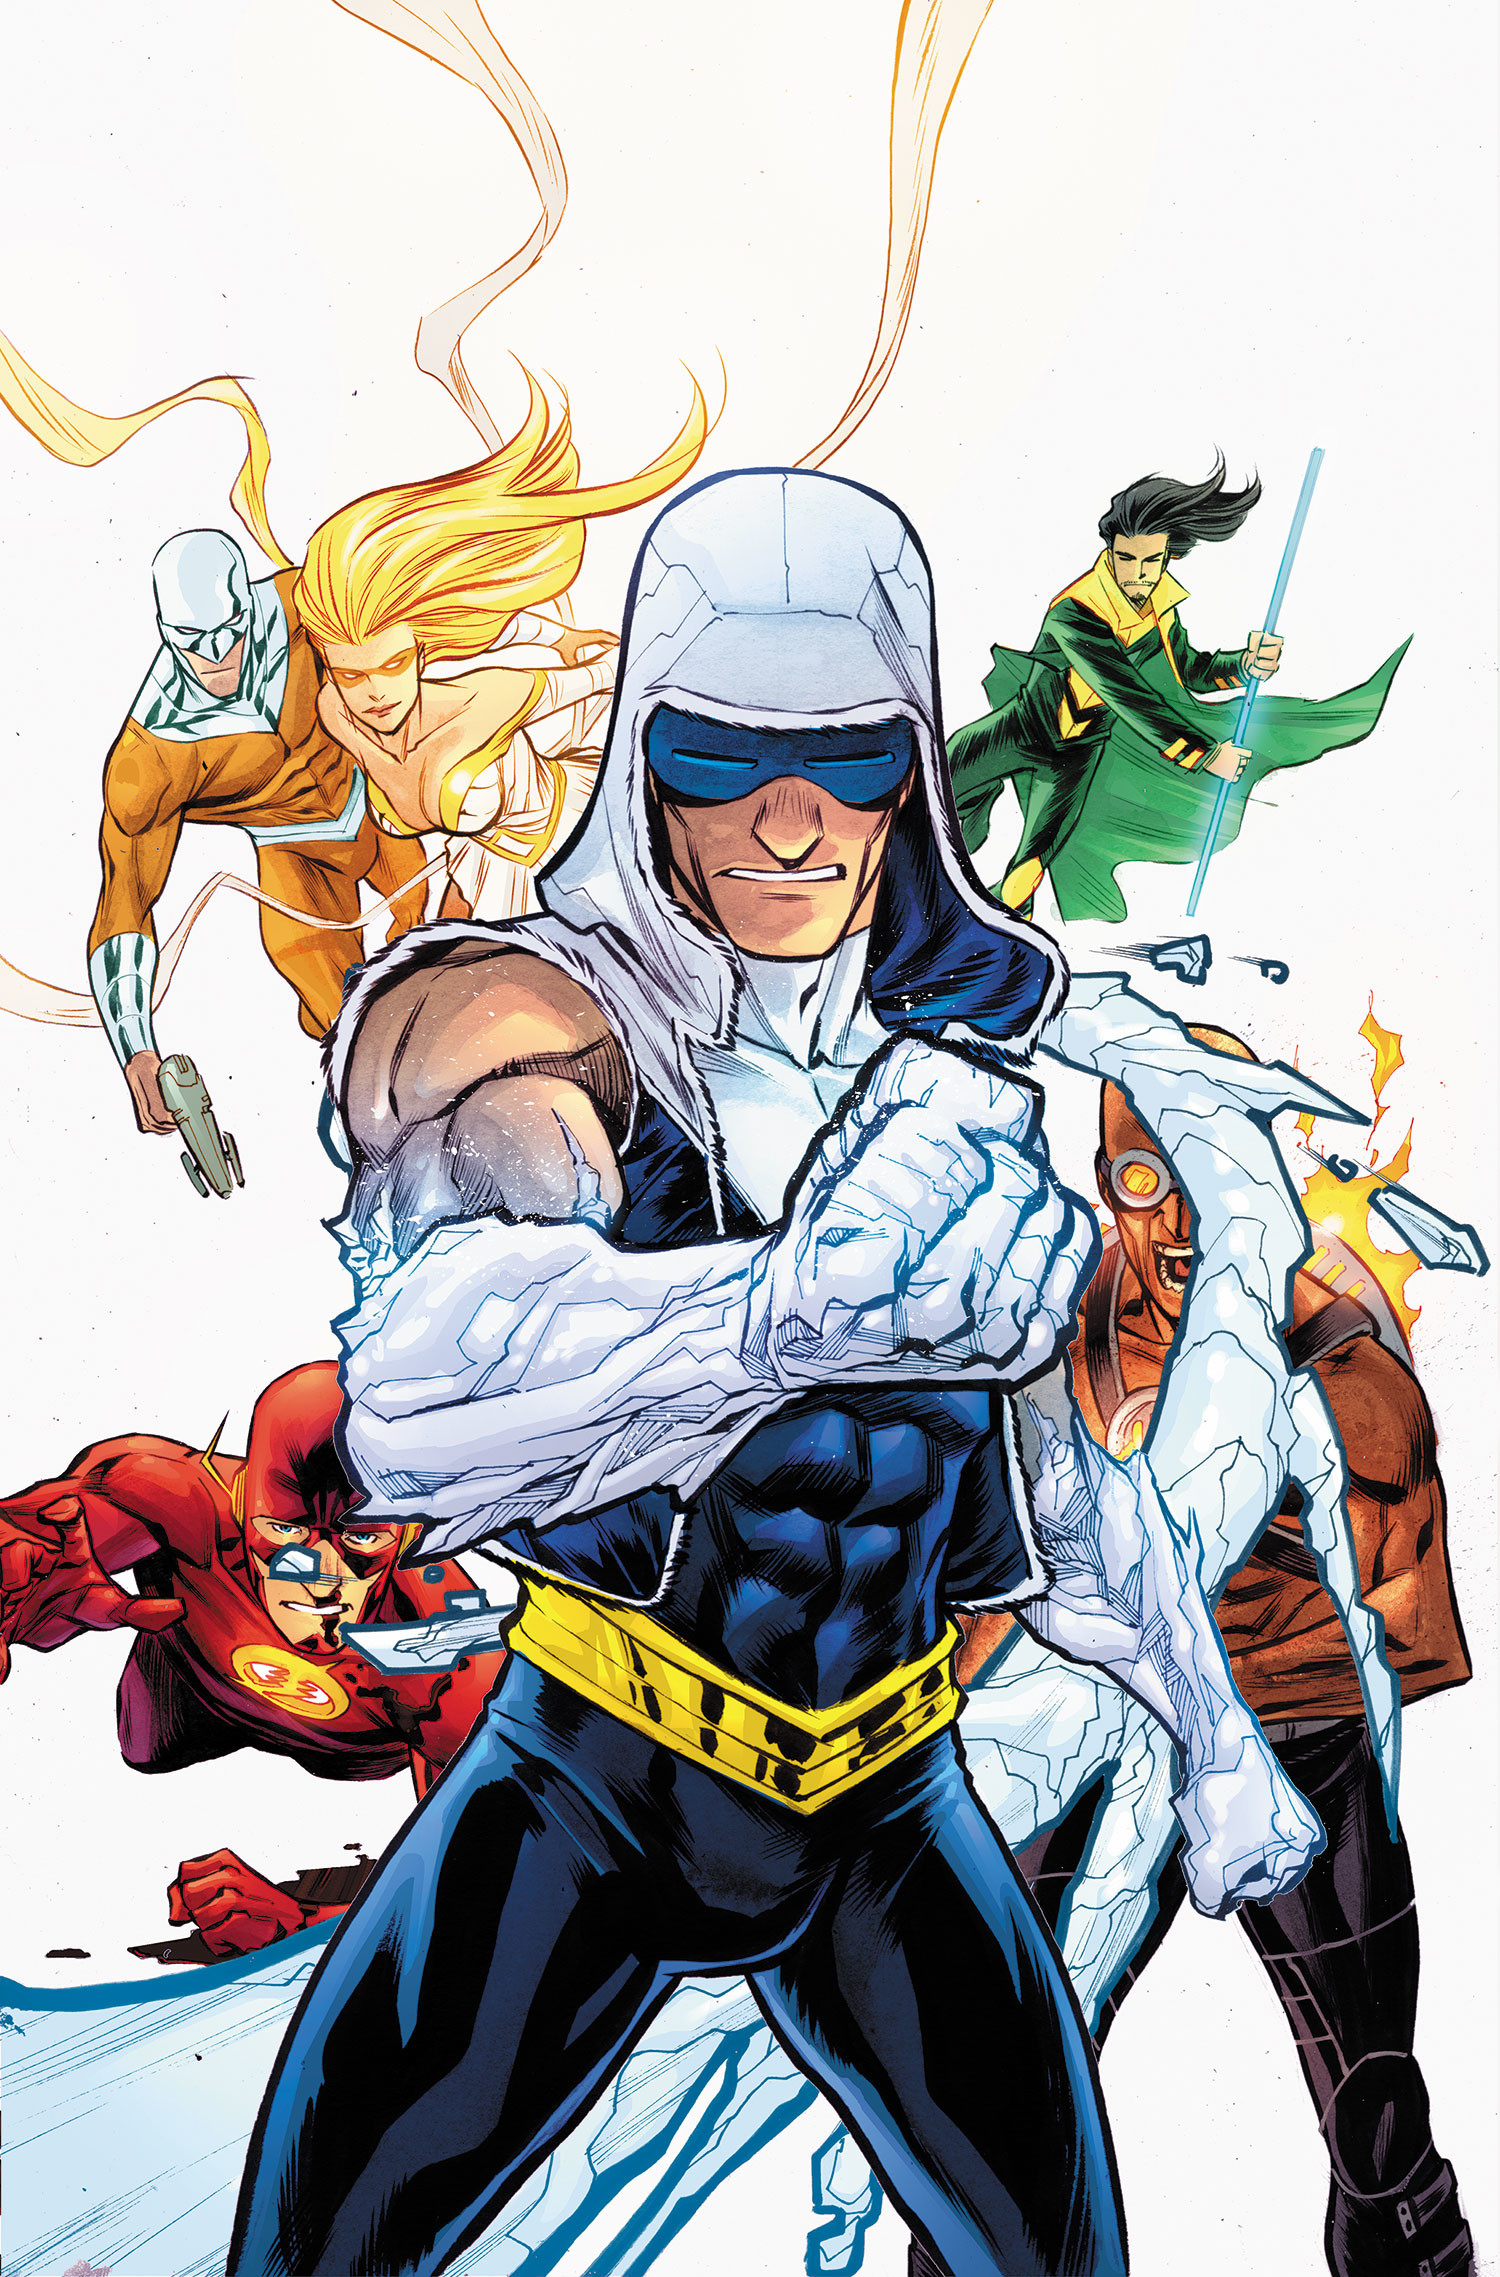 Flash Vol 4 23.3: The Rogues